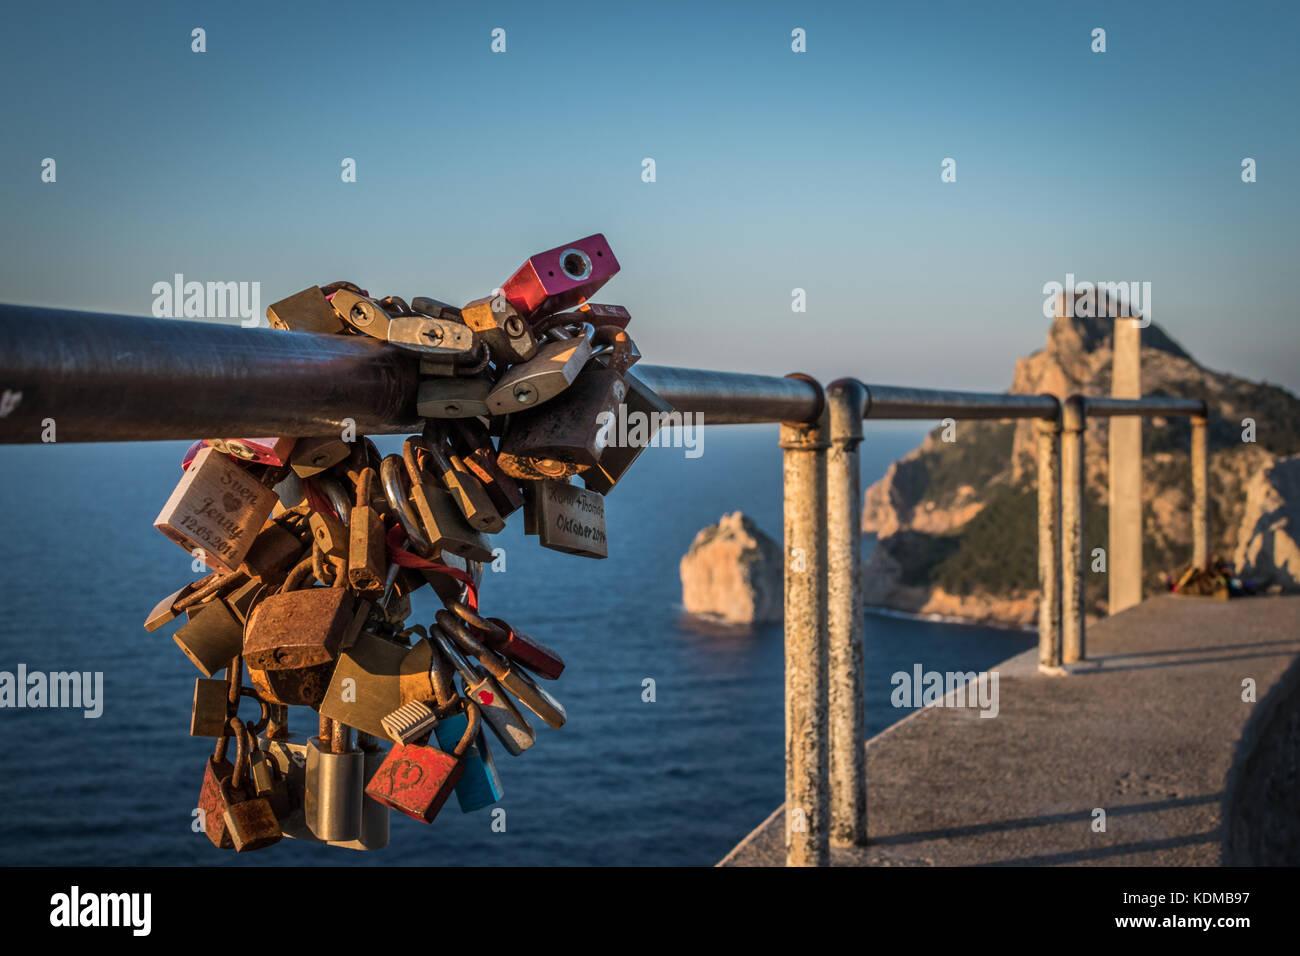 Love padlocks on railing - Stock Image